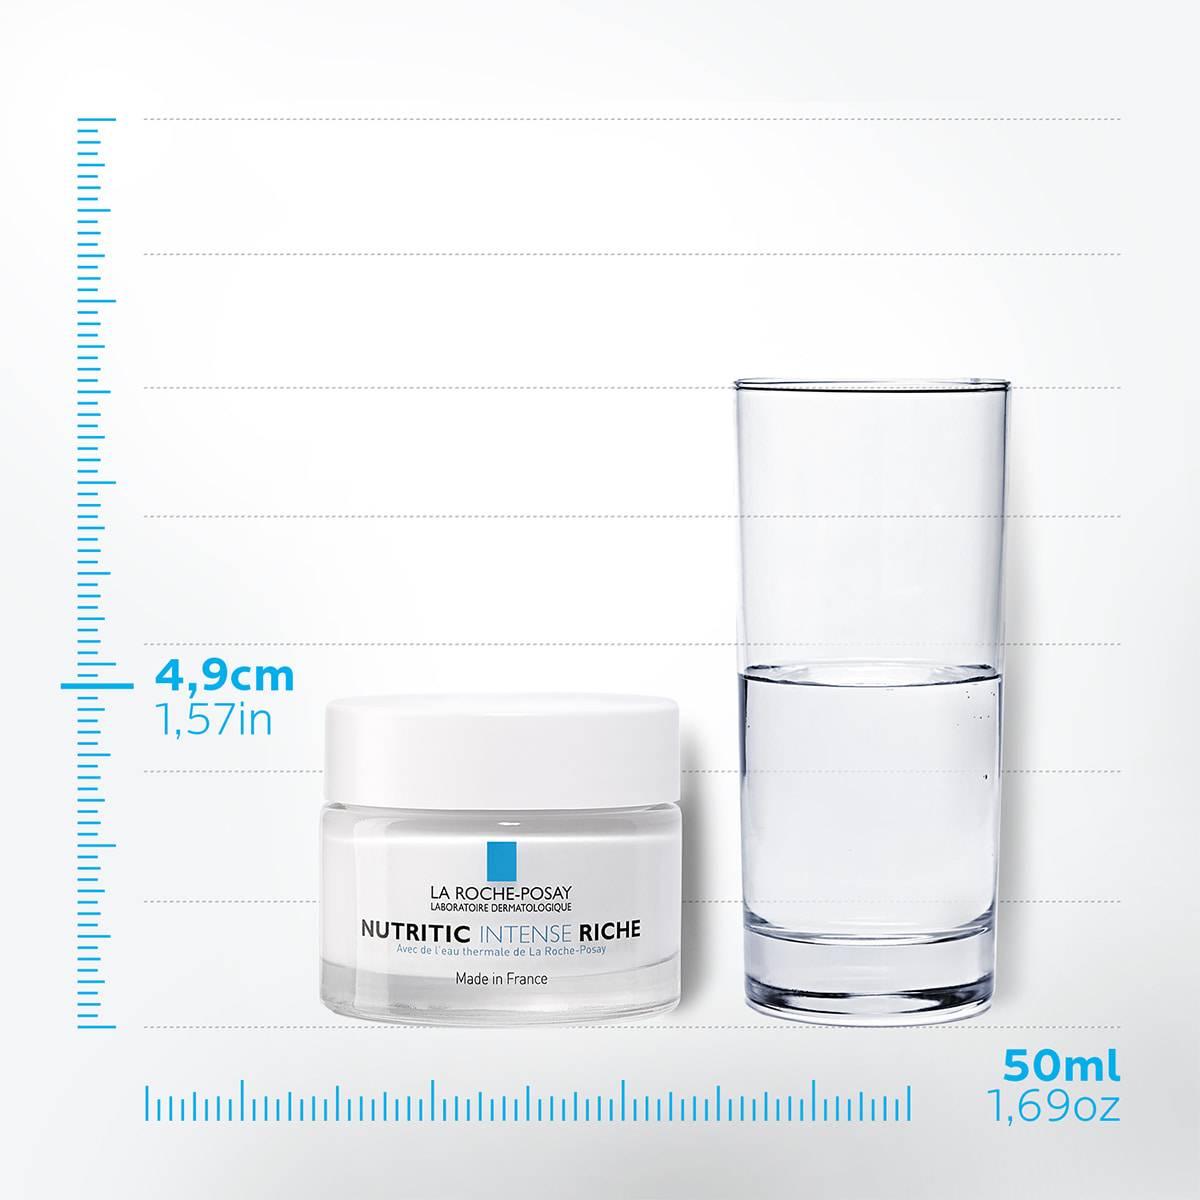 La Roche Posay StránkaProduktu Péče o obličej Nutritic Intense Výživný Krém 50ml